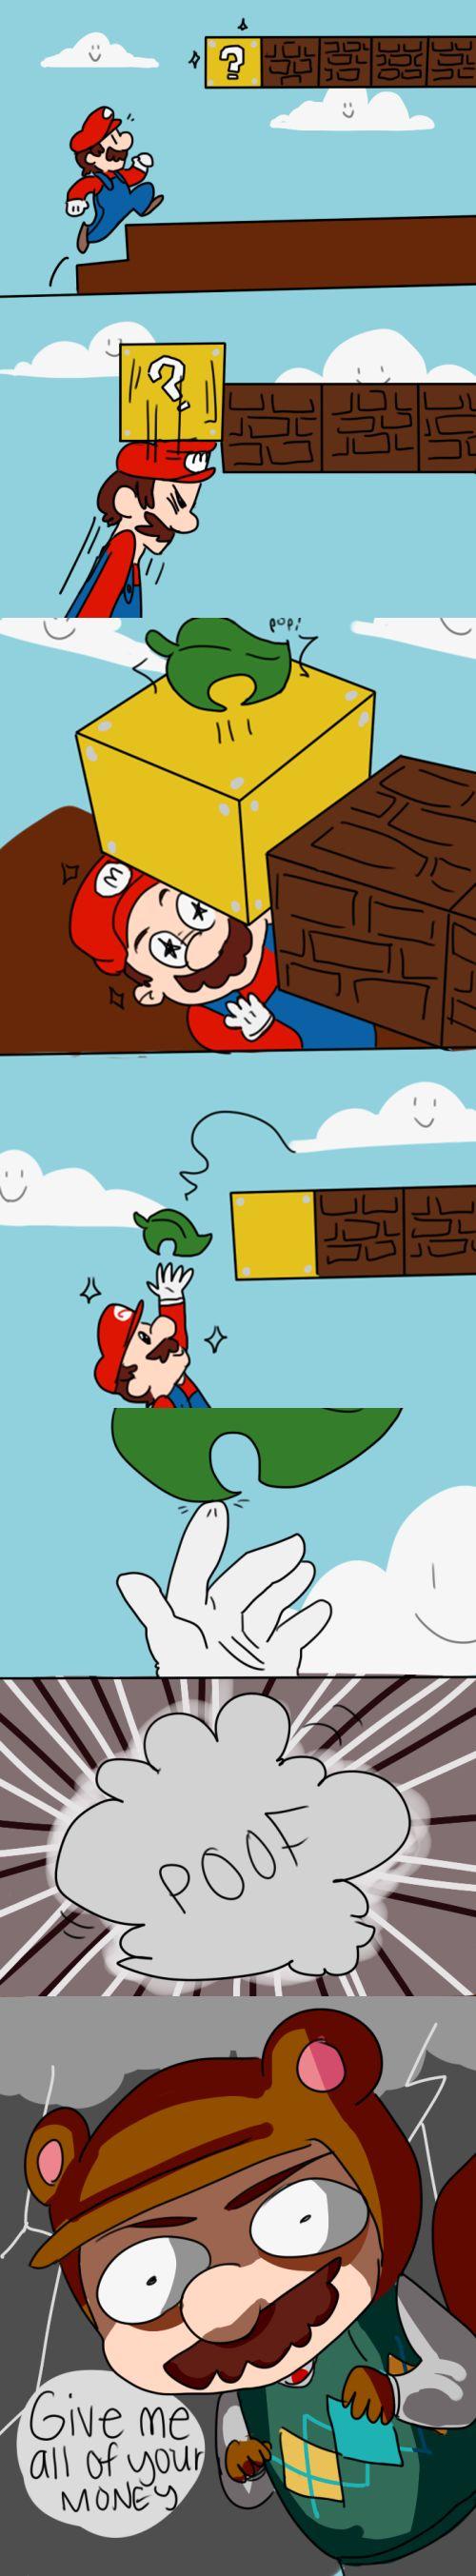 """Über 1.000 Ideen zu """"Mario Bros auf Pinterest""""."""